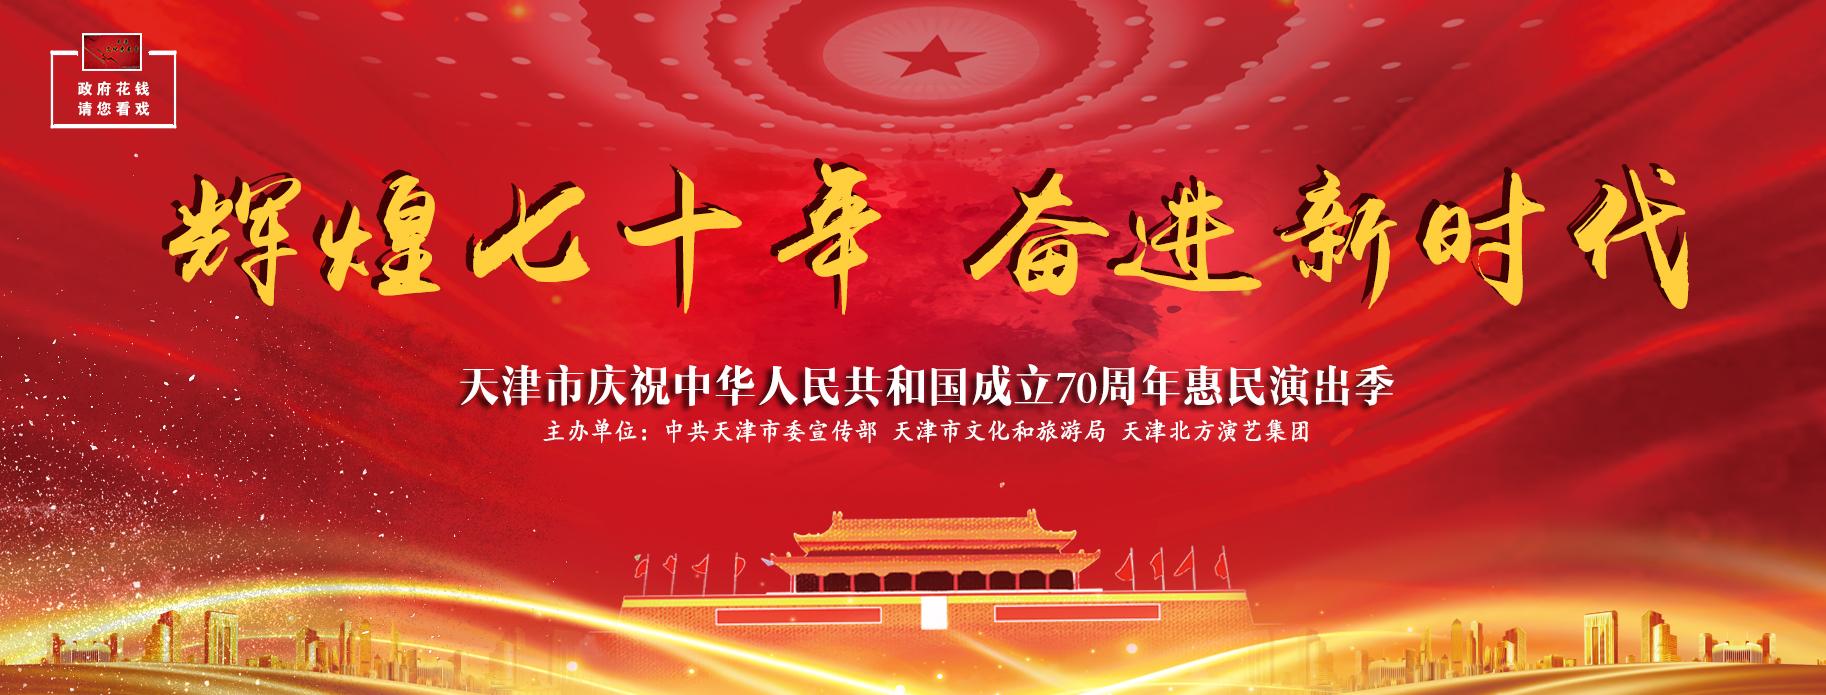 天津市庆祝中华人民共和国成立70周年惠民演出季